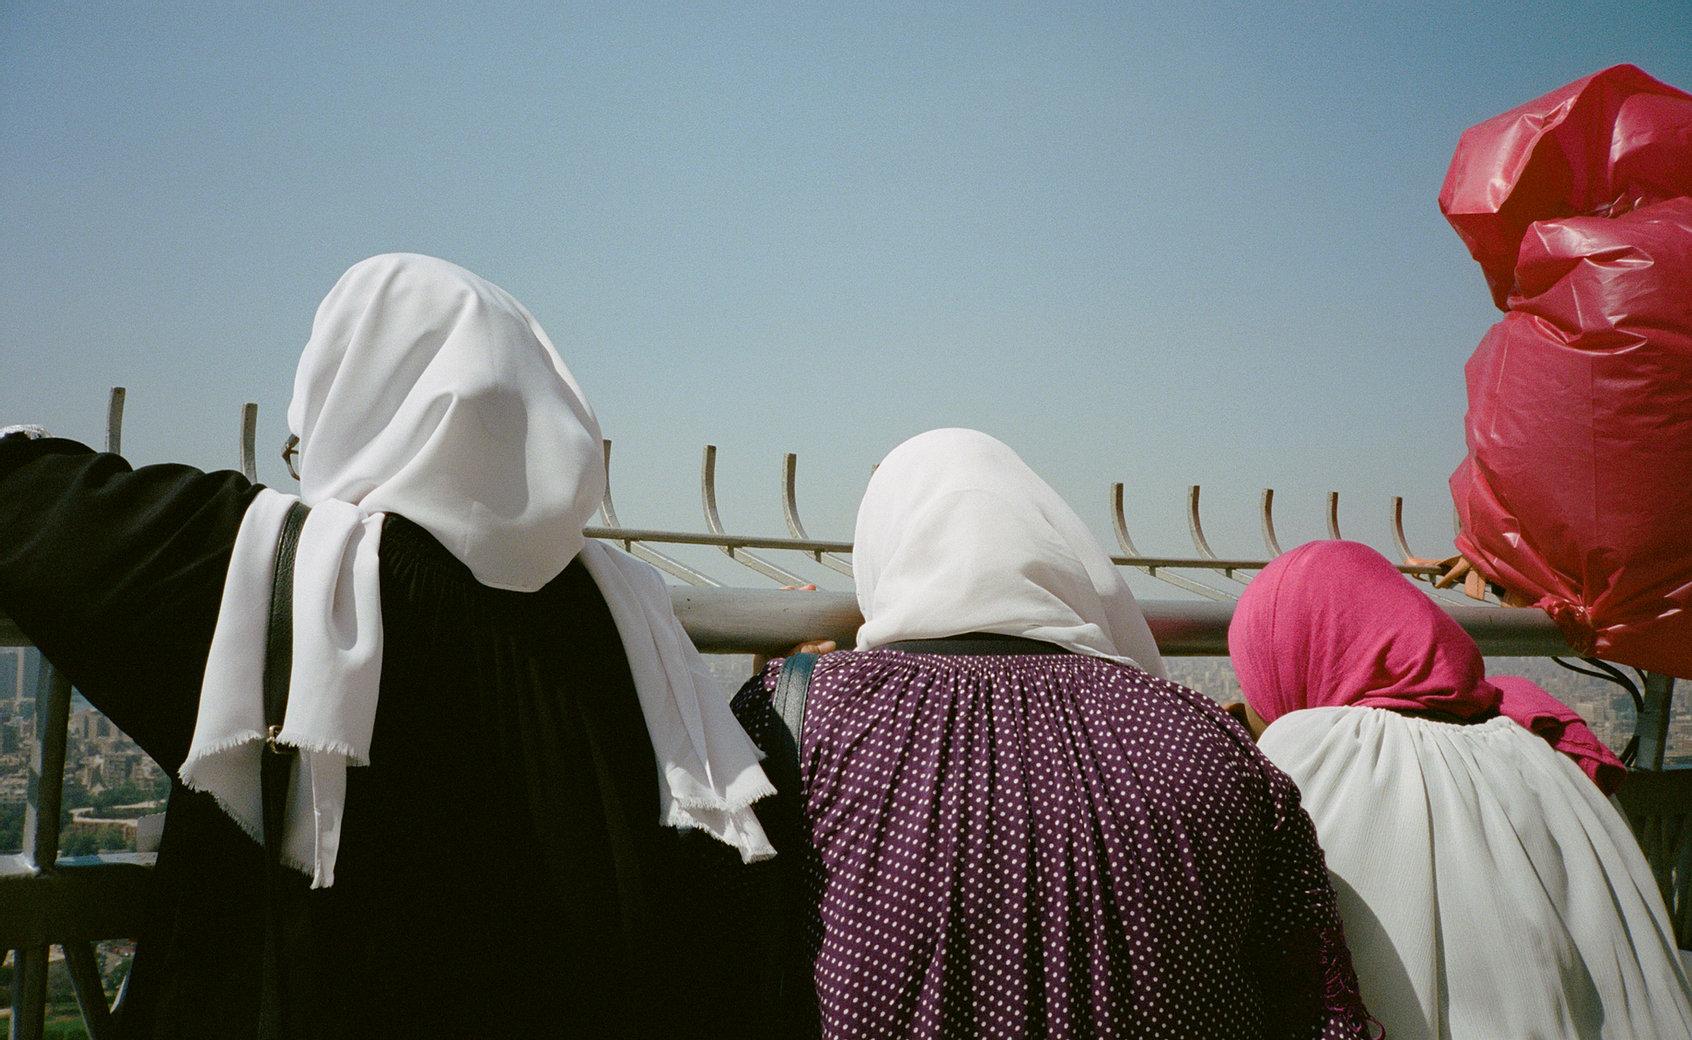 3 femmes voilées photographiées de dos devant une grille